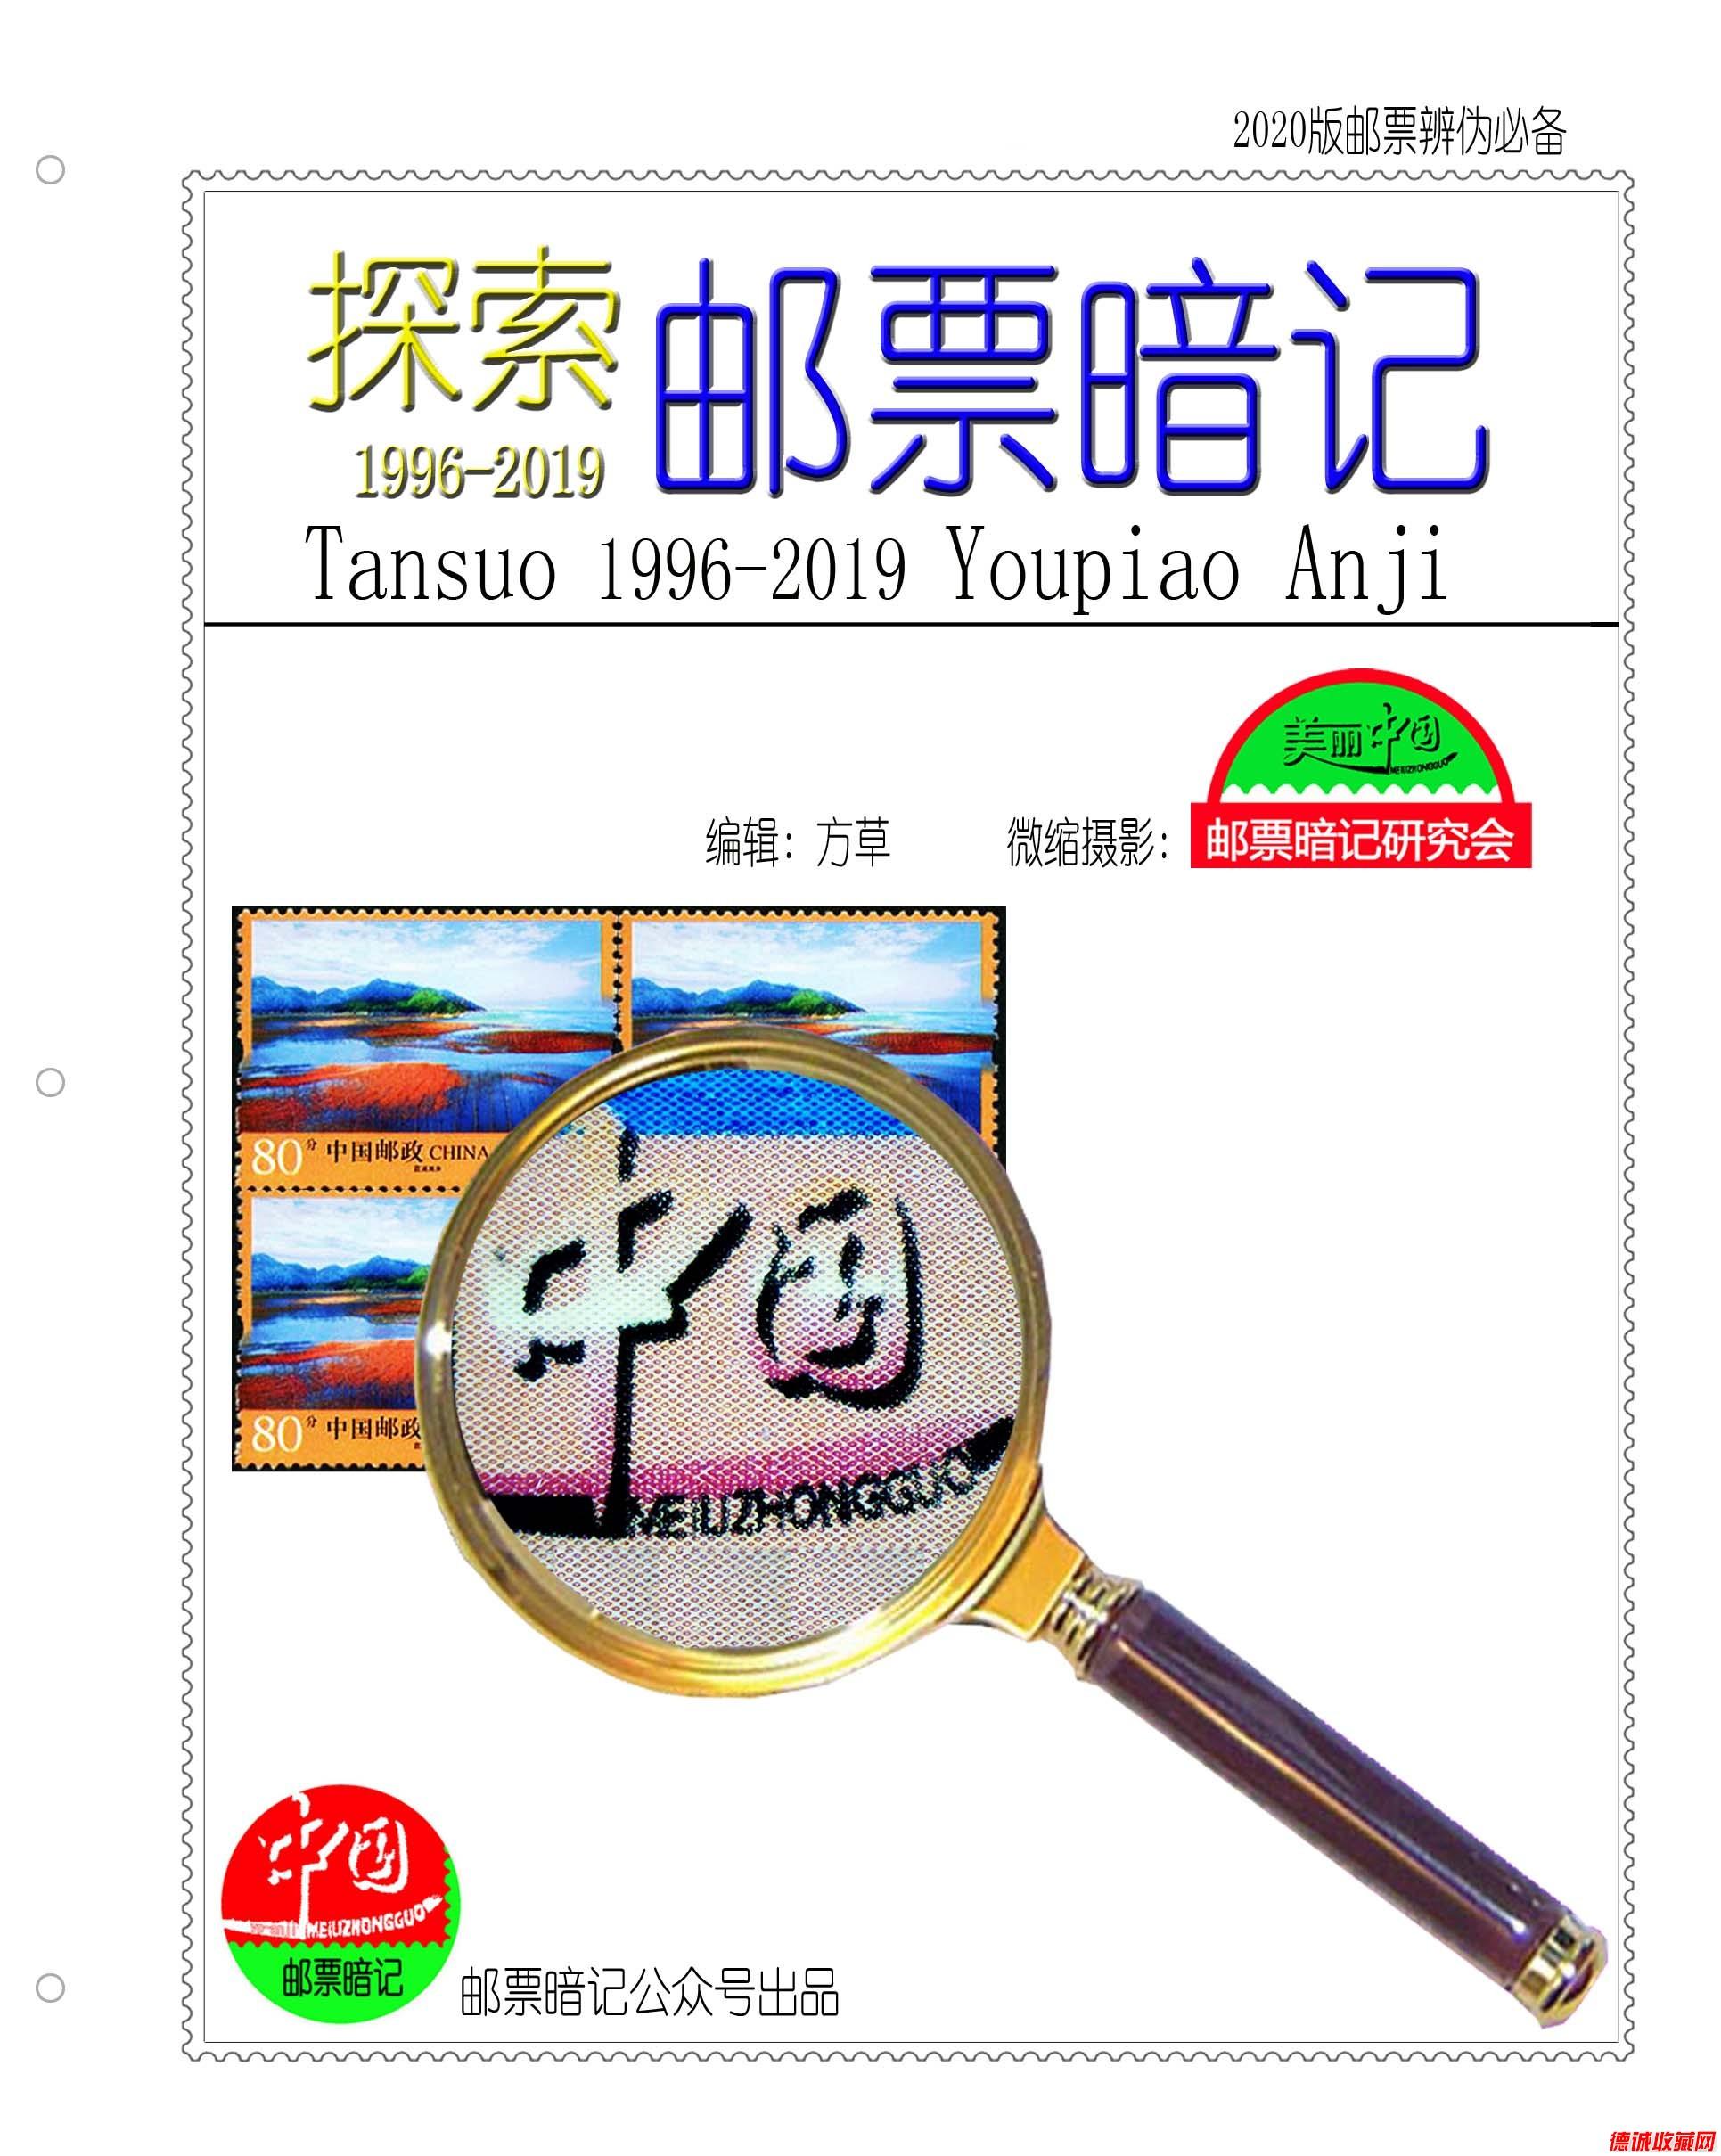 封面-探索编年邮票暗记.jpg